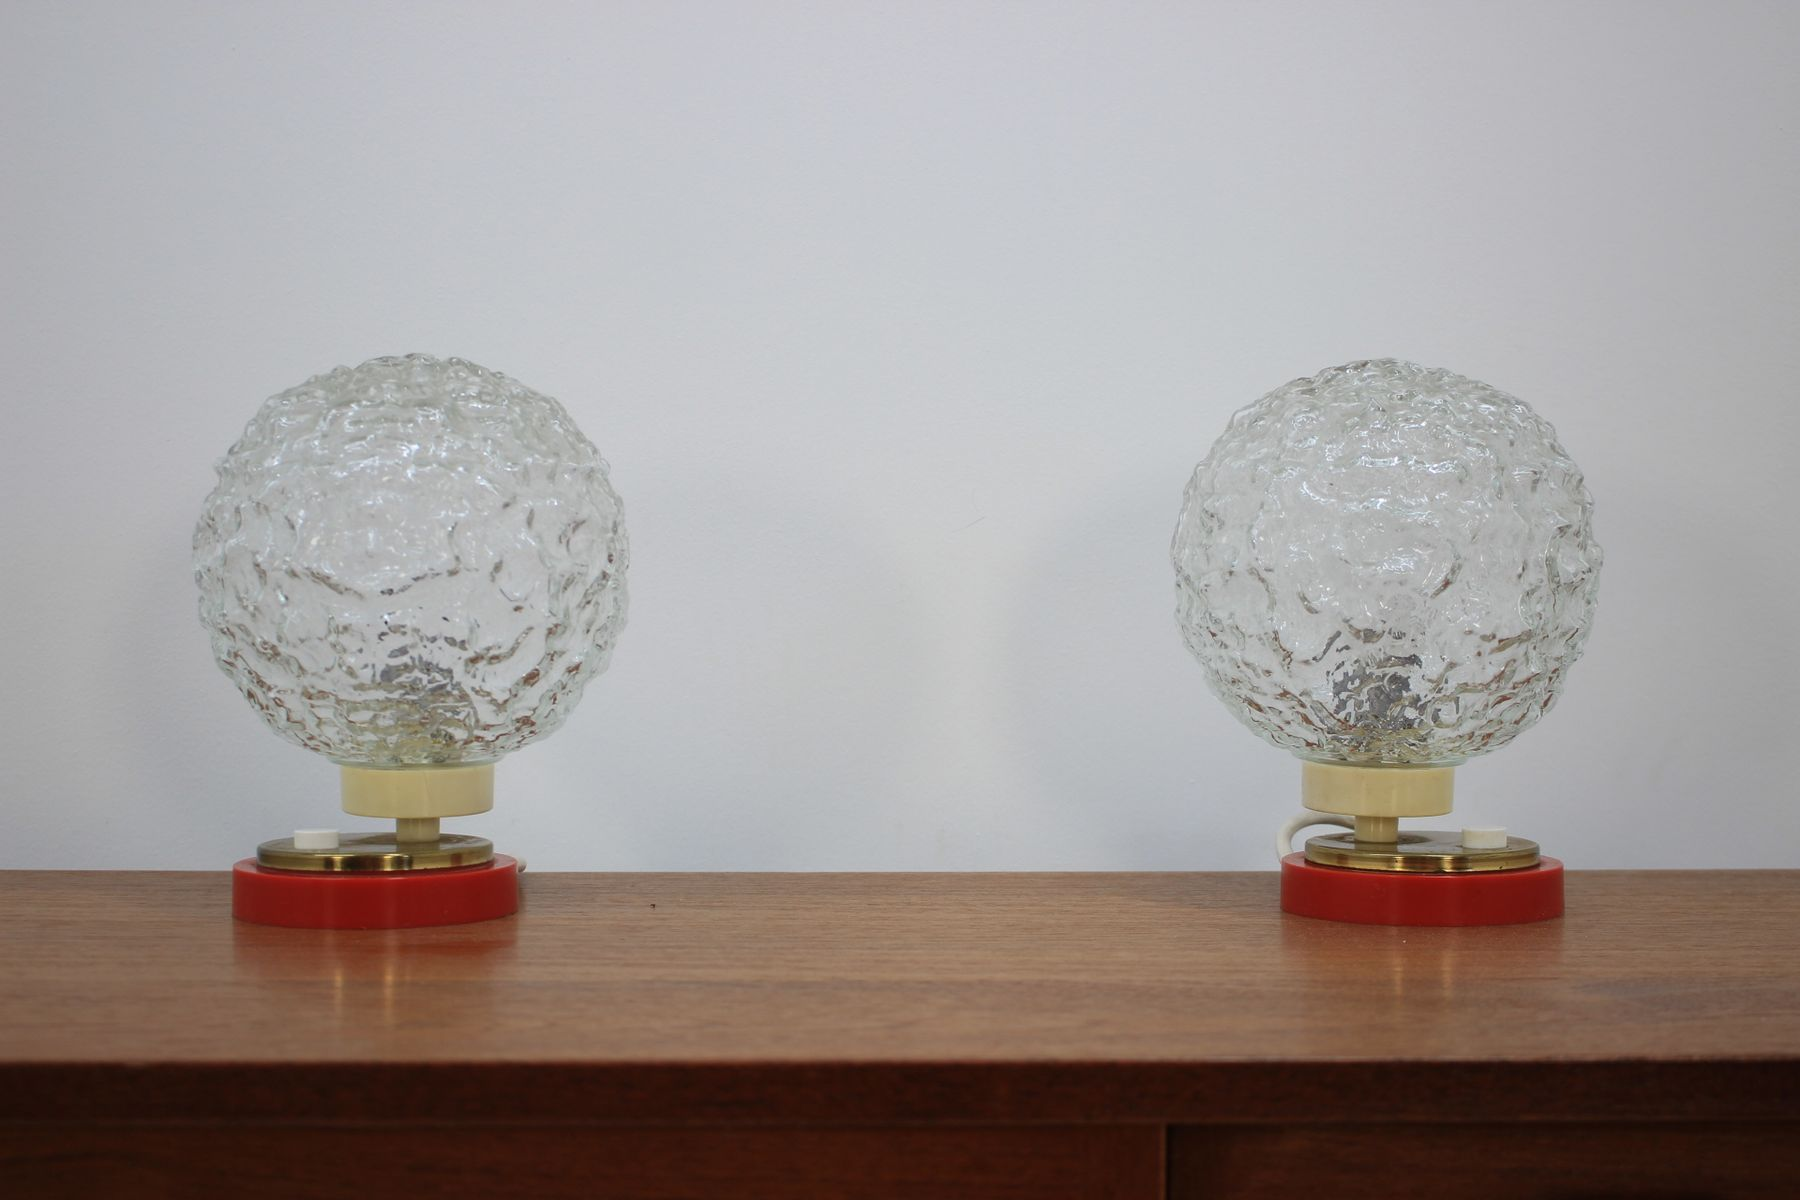 mid century tischlampen von richard essig 1970er 2er set bei pamono kaufen. Black Bedroom Furniture Sets. Home Design Ideas